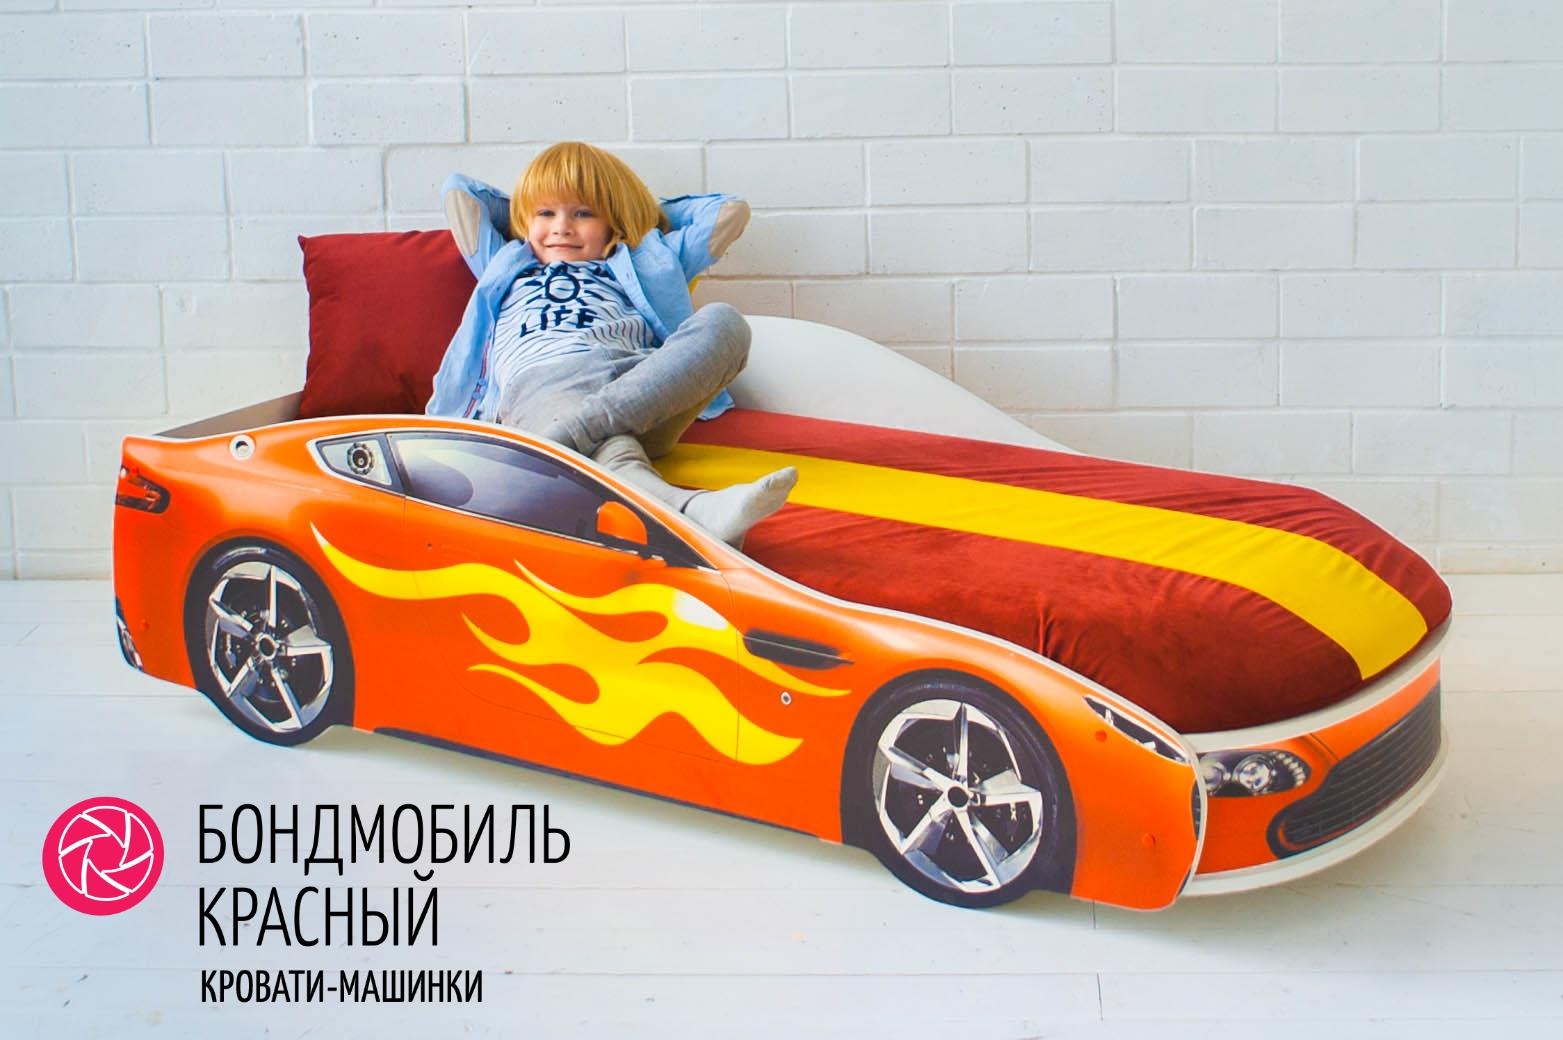 Детская кровать-машина красный -Бондмобиль-2